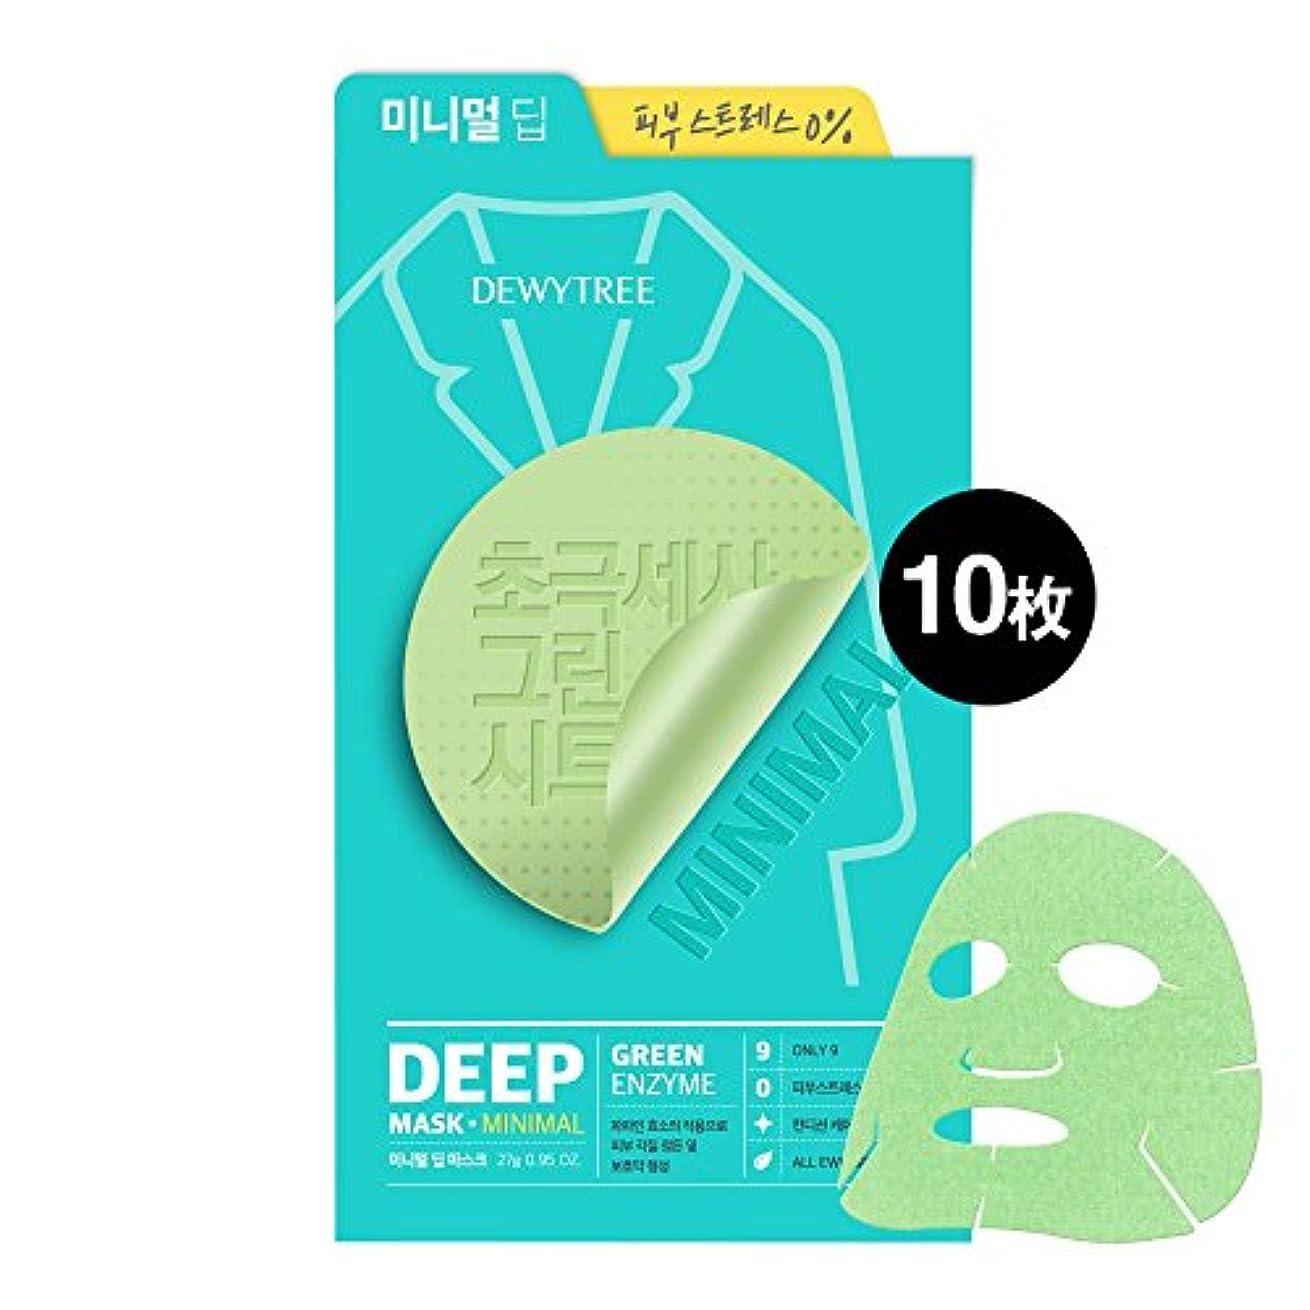 家事をするパフ生物学(デューイトゥリー) DEWYTREE ミニマルディープマスク 10枚 Minimal Deep Mask 韓国マスクパック (並行輸入品)